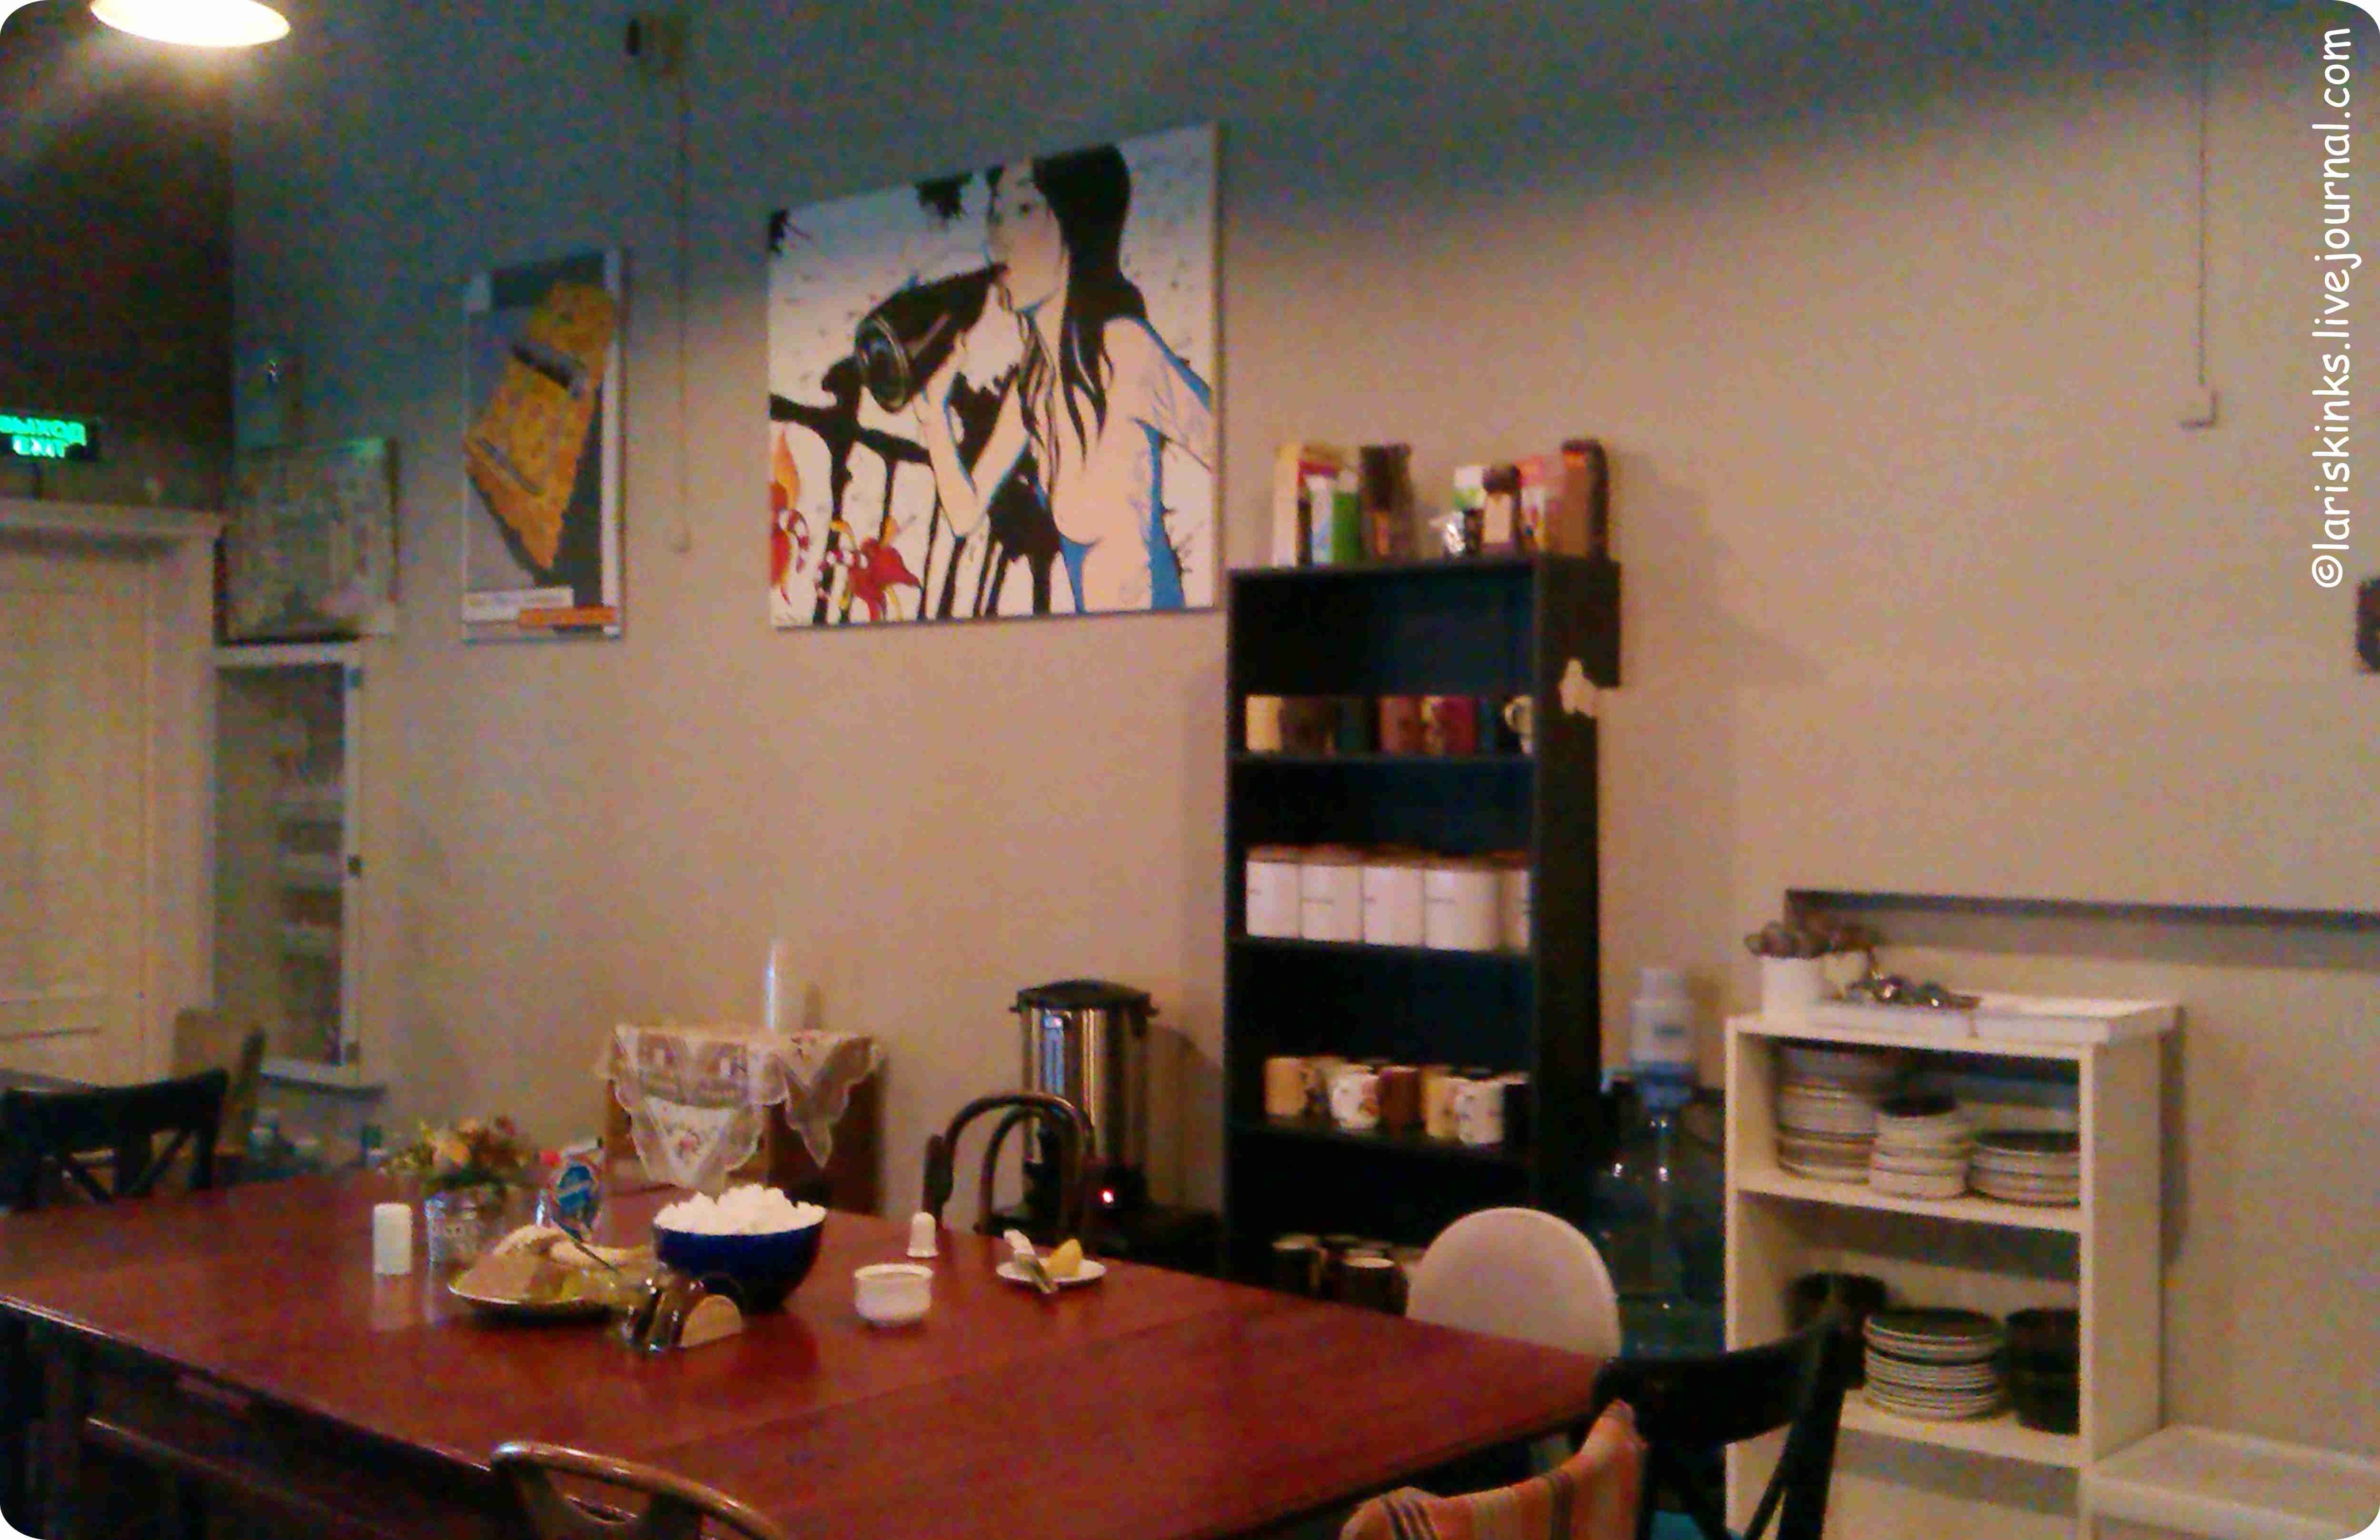 Кафе в Студии Артемия Лебедева